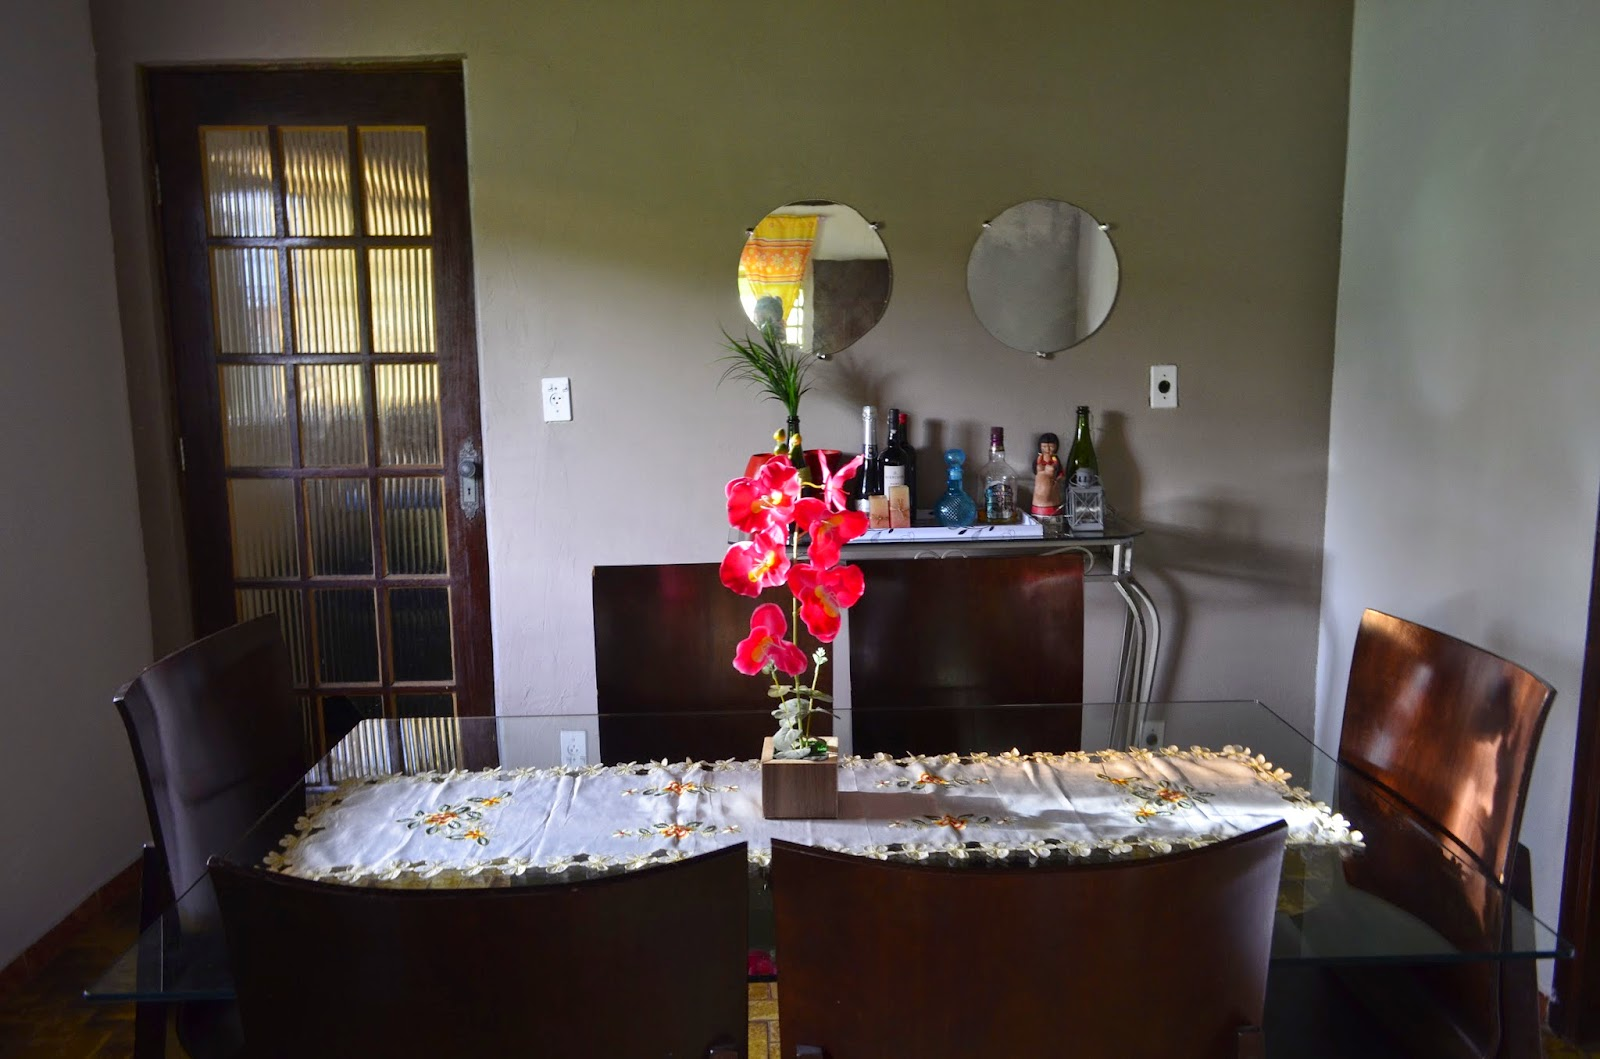 de ideias e decoração: A transformação da minha sala de jantar #BF0C26 1600x1059